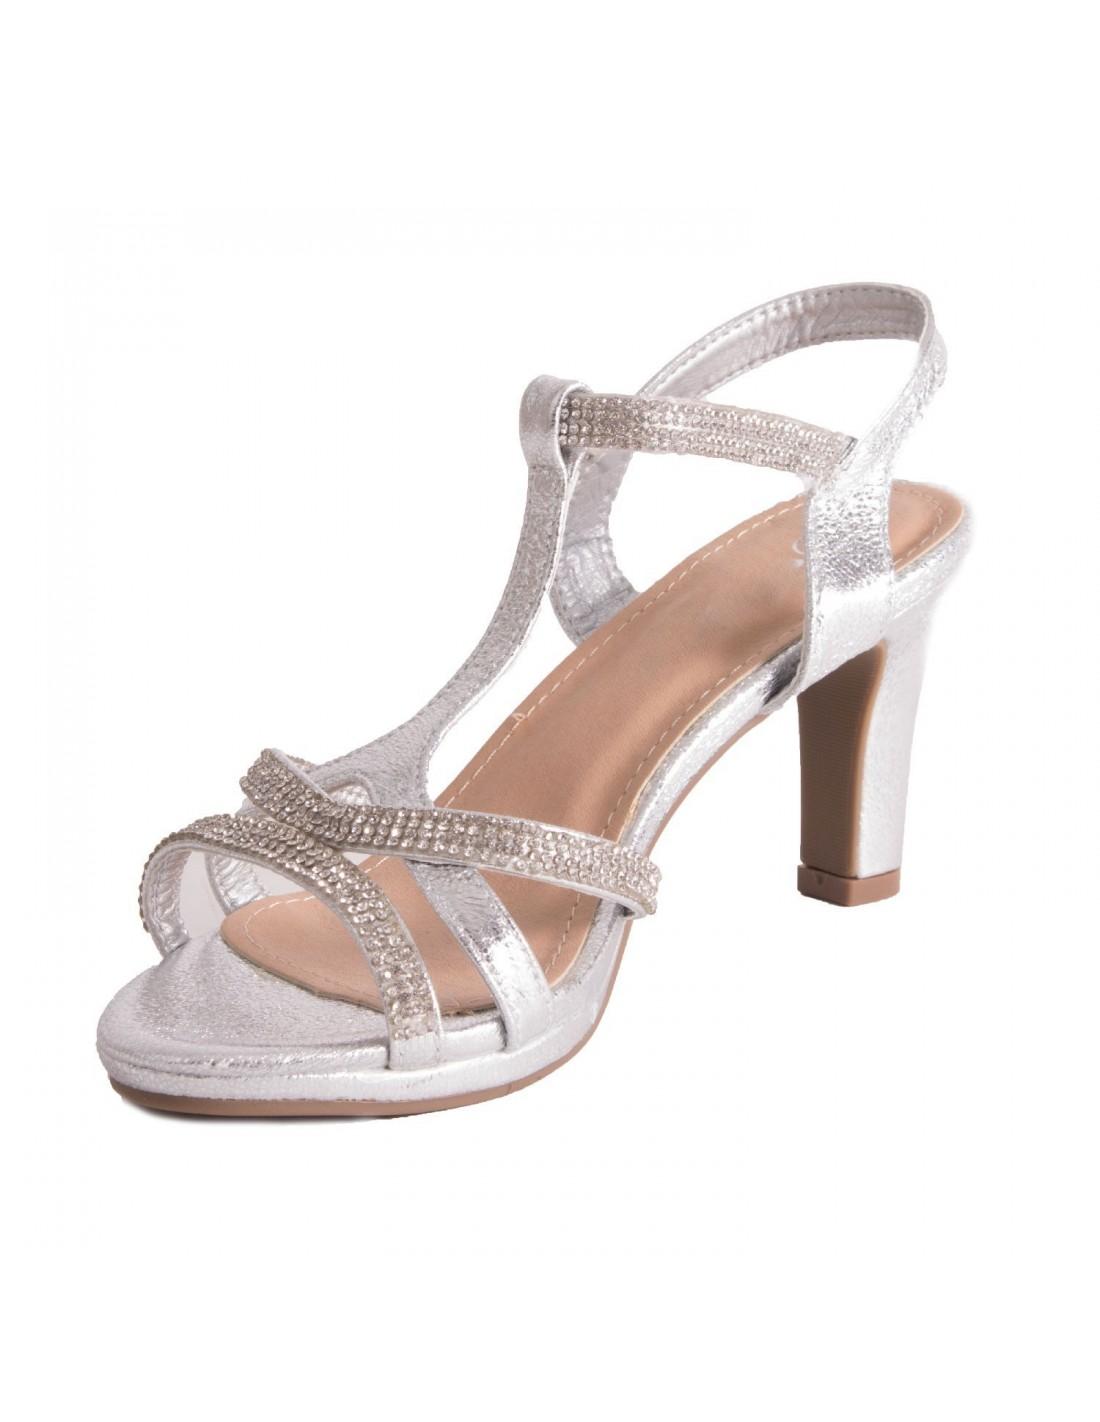 1deaac8456131d ... Chaussure mariage femme sandale argentée & strass diamant talon bas 5cm  à bout ouvert bride cheville ...